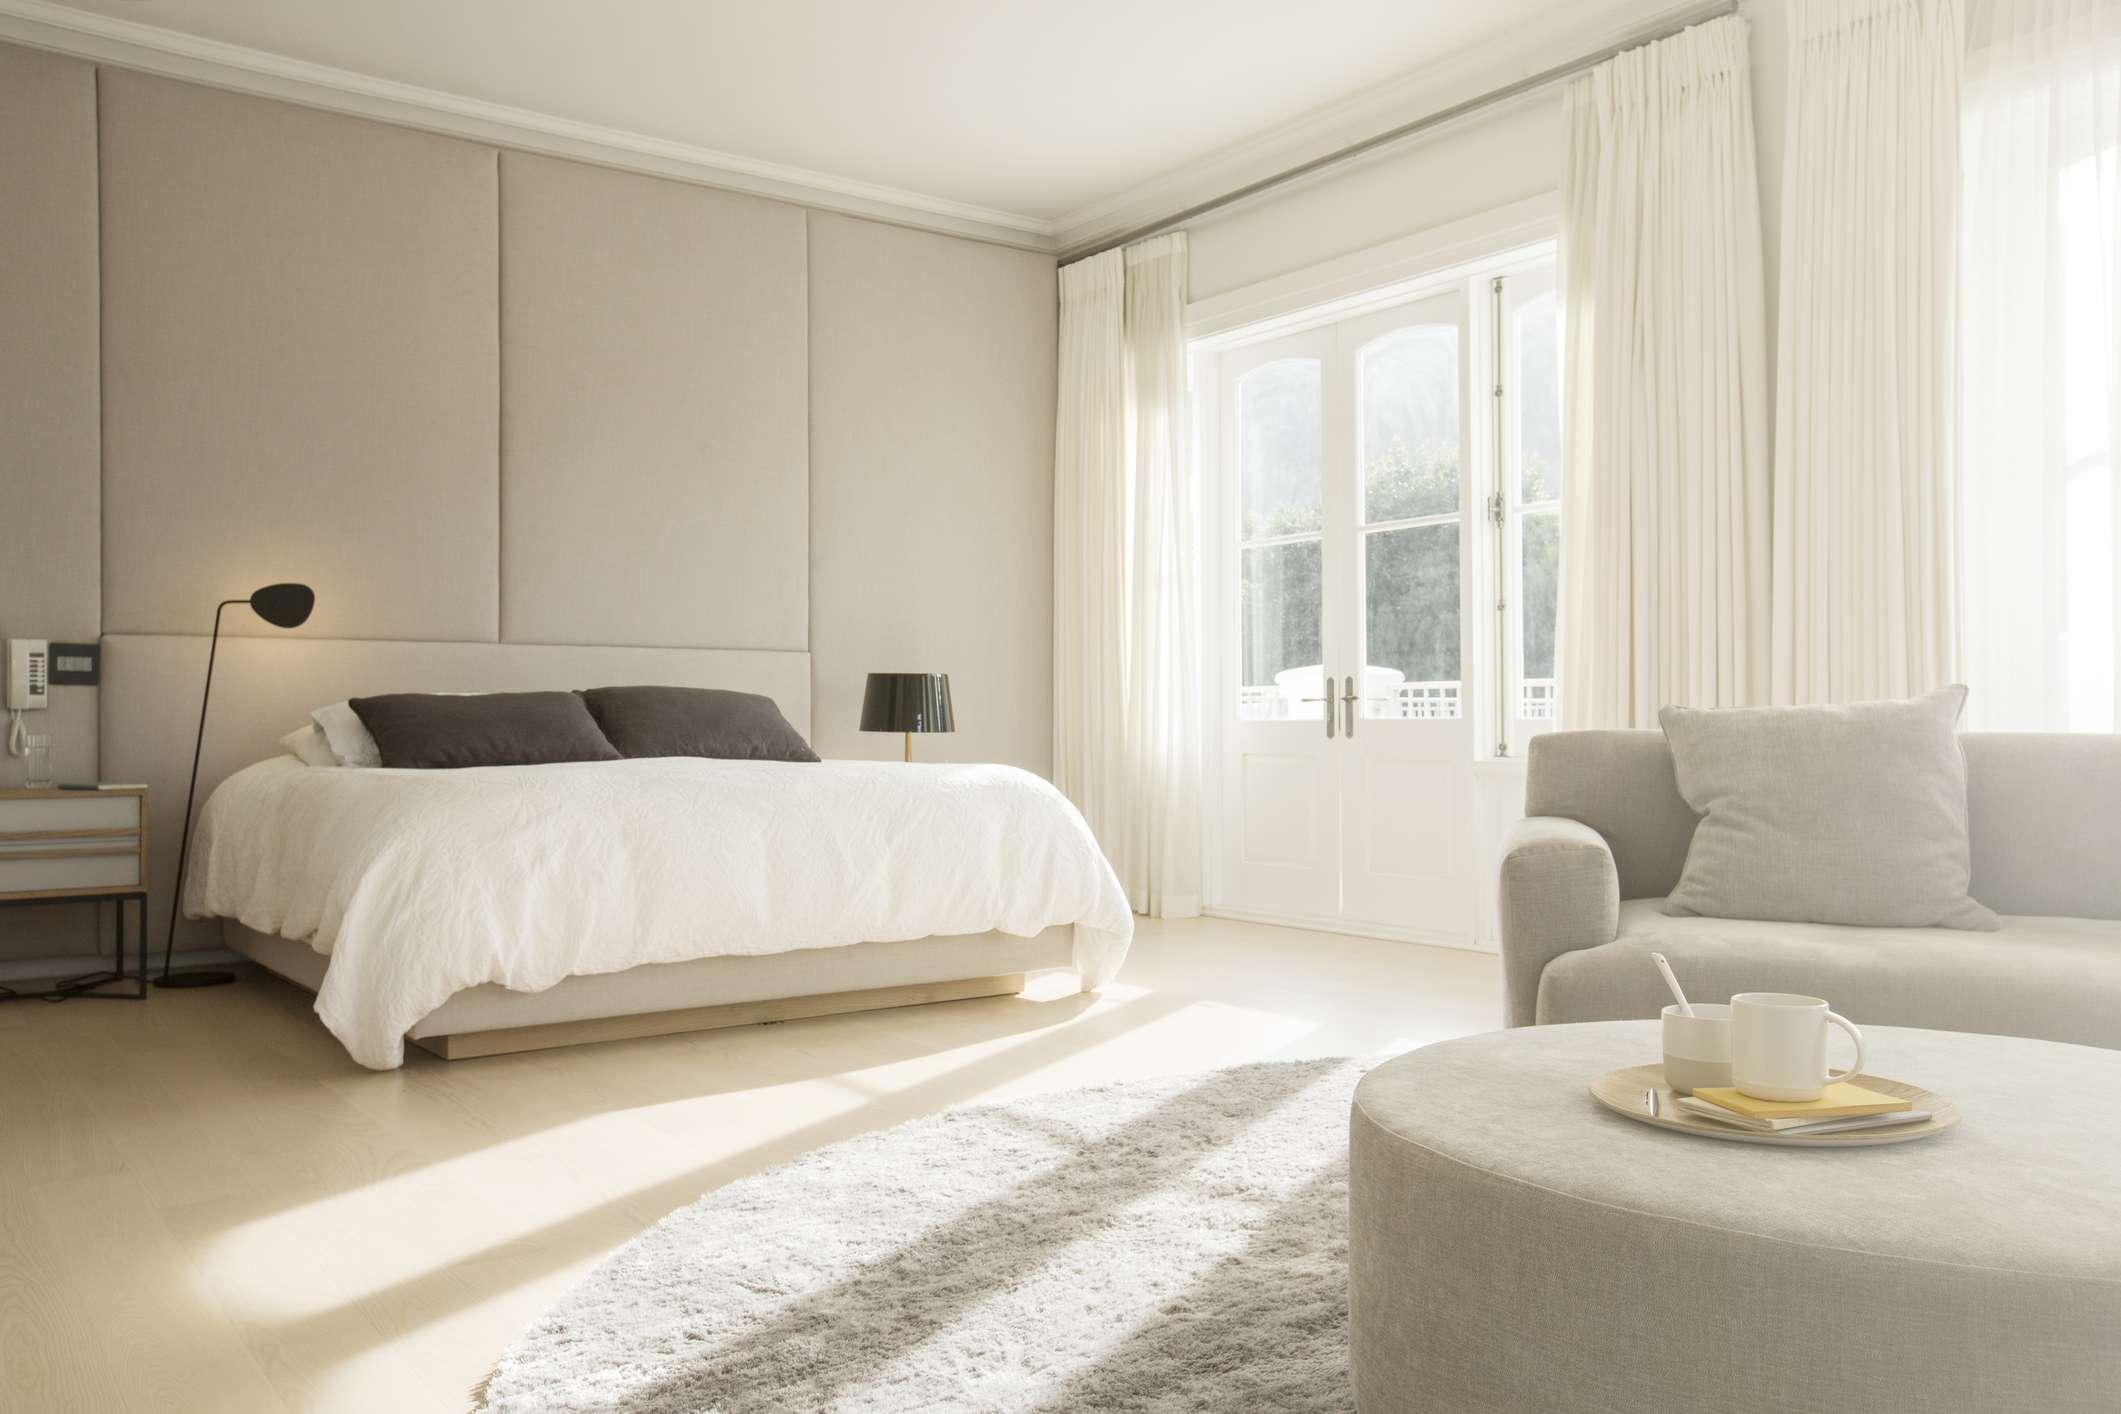 Bedroom Feng Shui Design. Bedroom Feng Shui Design 0 - Lodzinfo.info